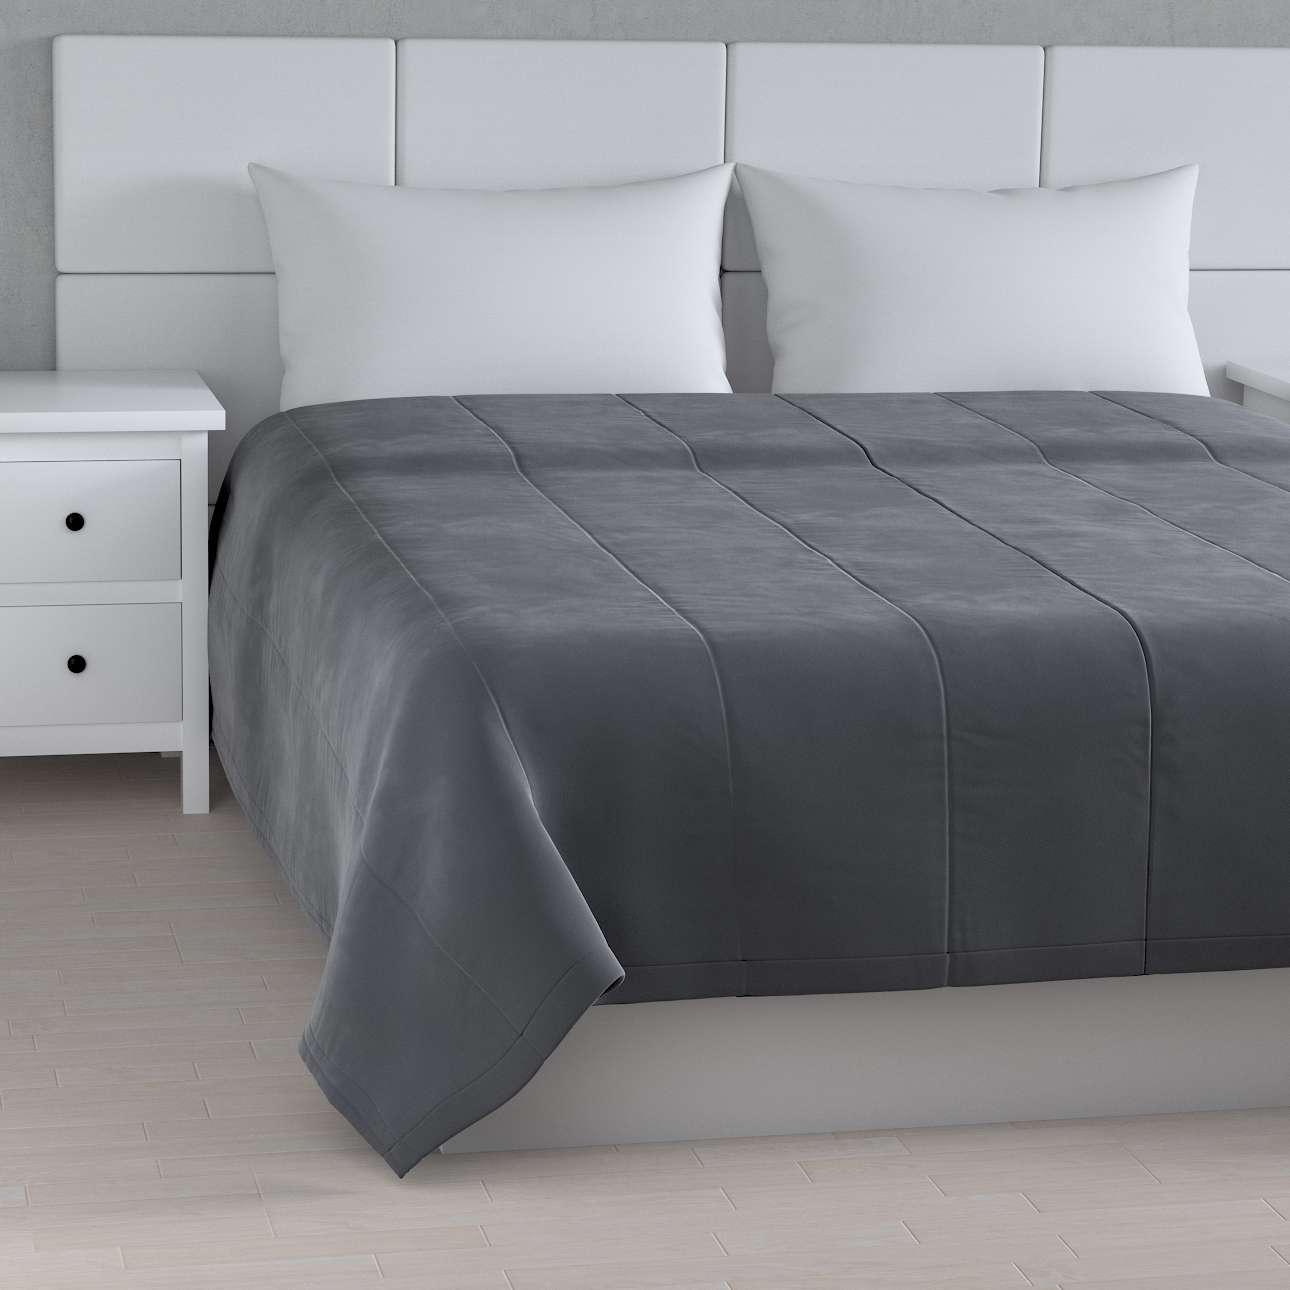 Velvet kolekcijos lovatiesės su vertikaliu dygsniavimu kolekcijoje Velvetas/Aksomas, audinys: 704-12